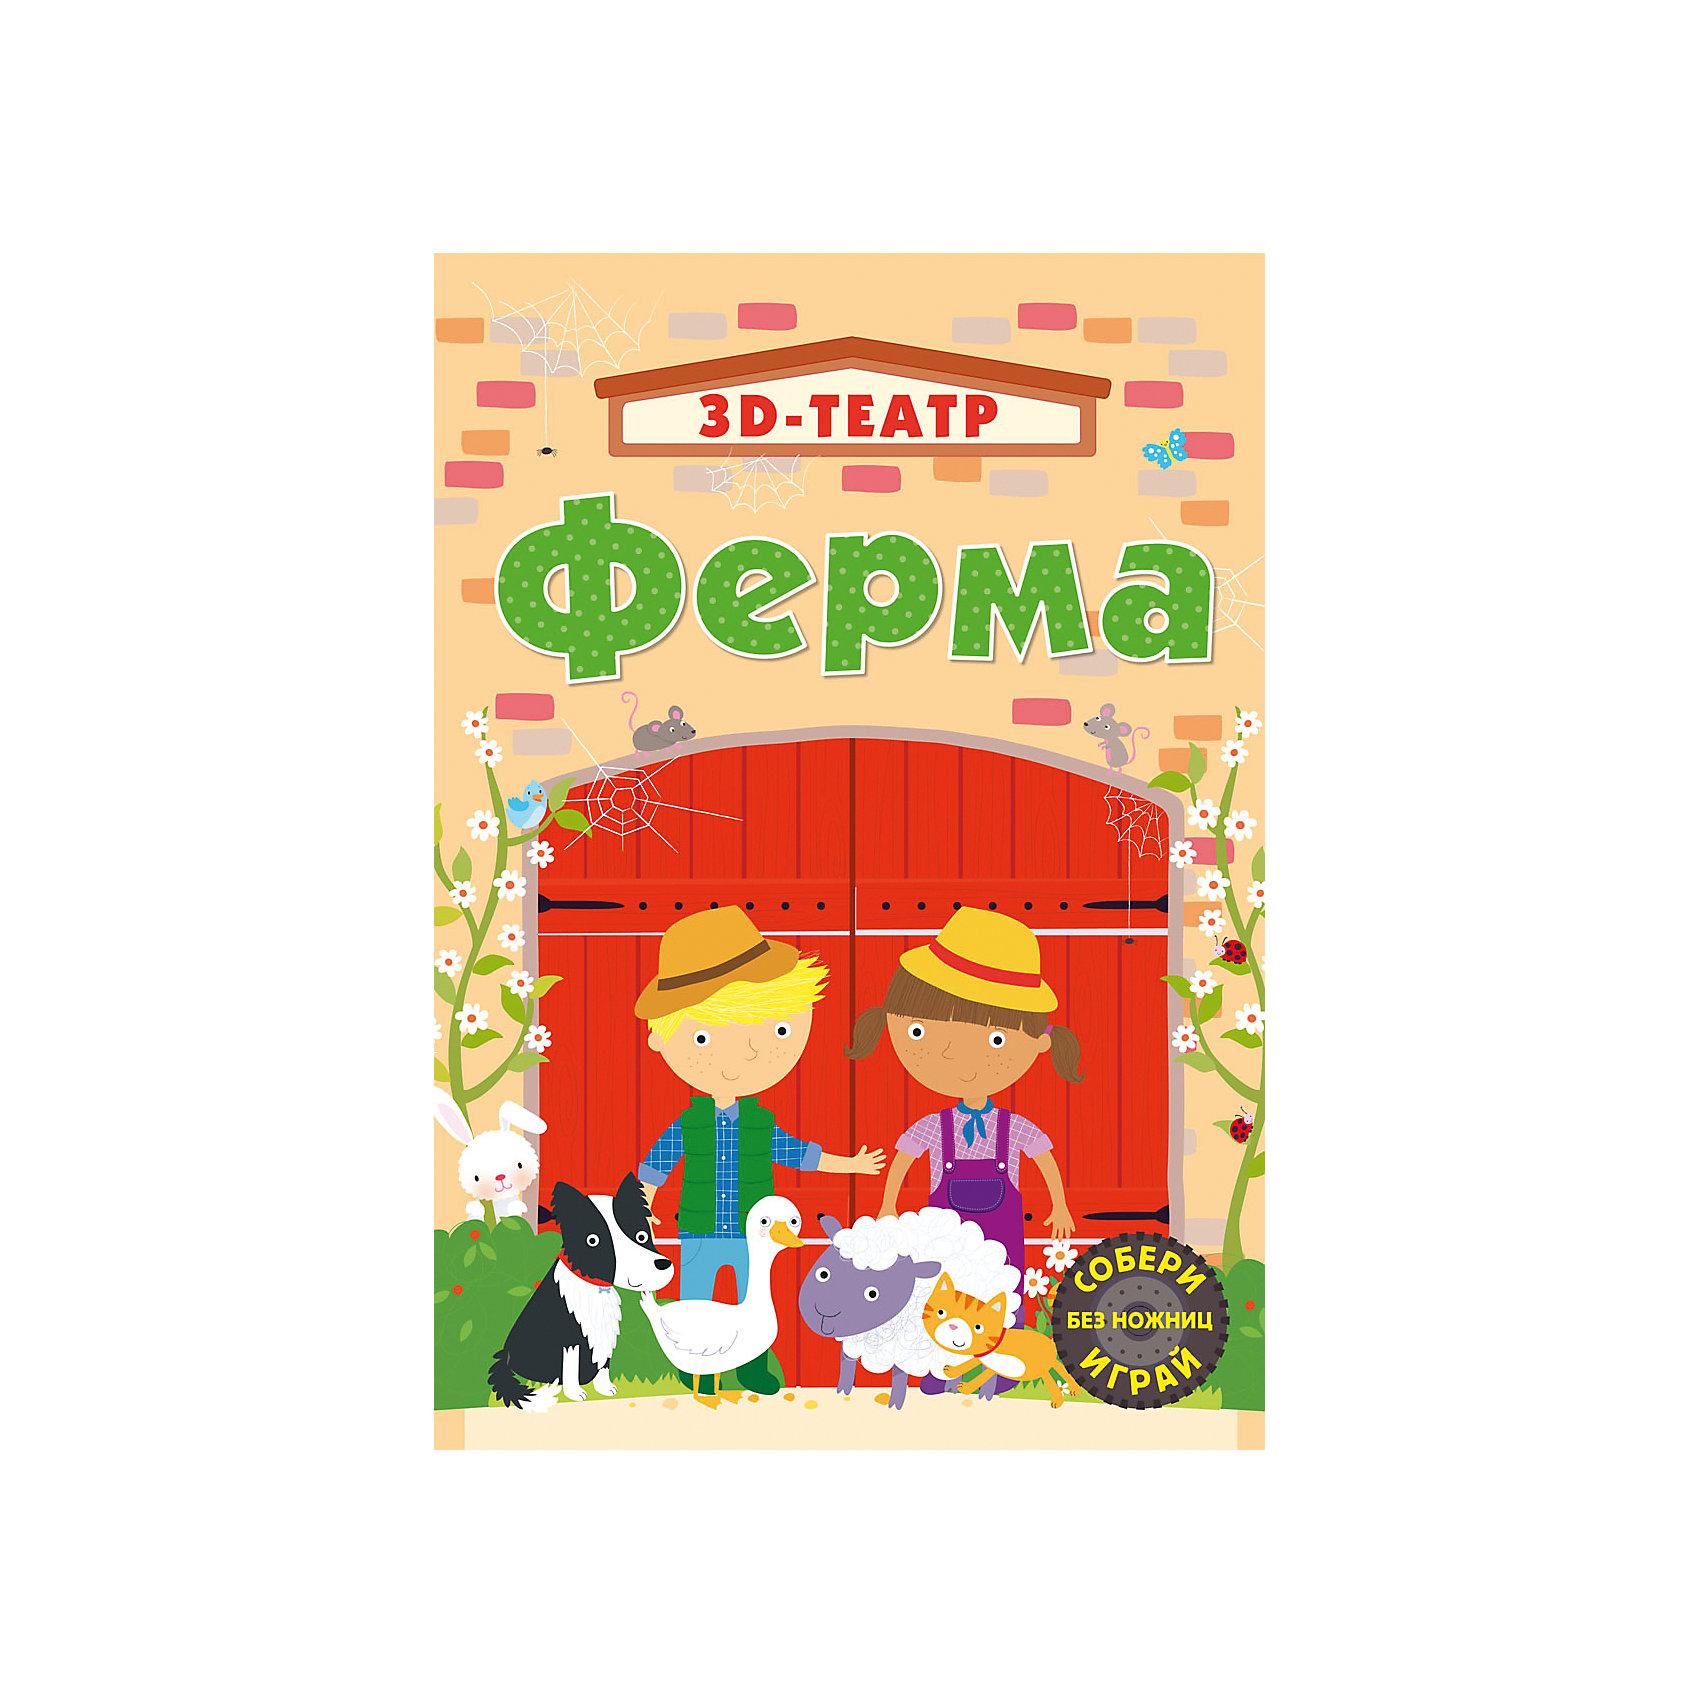 3D-Театр Фермы3D-Театр Фермы – это необычная творческая книга для создания 3D-театра без клея и ножниц.<br>Давай познакомимся с обитателями фермы! При выдавливании элементов эта увлекательная интерактивная книга легко превращается в 3D - ферму с крышей и открывающимися воротами, где есть настоящие фермеры Макс и Эмма, и ее обитатели кот Мармелад, старшая собака Поппи, а также лошадка Медушка, корова Дейзи и другие зверушки. Фигурки деревьев, большого трактора и различных фермерских атрибутов: тюки сена, кормушки, курятник, ведра, вилы, препятствия для прыжков, забор, поле и луг помогут тебе создать настоящее фермерское хозяйство. Каждая фигурка дополнена удобной подставкой. Чтобы отделить фигурки от страниц книги, аккуратно выдави соответствующие детали. На последней странице в книге ты найдешь карточки с готовым сюжетом игры. Для увлекательной игры используй не только эти карточки, но и воображение и придумай свою историю. Играй один или с друзьями! Фантазируй и придумывай свои интересные истории и сюжеты для игры.<br><br>Дополнительная информация:<br><br>- Иллюстратор: С. Мередит<br>- Издательство: Робинс<br>- Серия: 3D-театр<br>- Переплет: картон<br>- Иллюстрации: цветные<br>- Количество страниц: 12 (мелованный картон)<br>- Размер: 280x210x40 мм.<br>- Вес: 240 гр.<br><br>Книгу 3D-Театр Фермы можно купить в нашем интернет-магазине.<br><br>Ширина мм: 280<br>Глубина мм: 210<br>Высота мм: 40<br>Вес г: 240<br>Возраст от месяцев: 36<br>Возраст до месяцев: 84<br>Пол: Унисекс<br>Возраст: Детский<br>SKU: 4341825